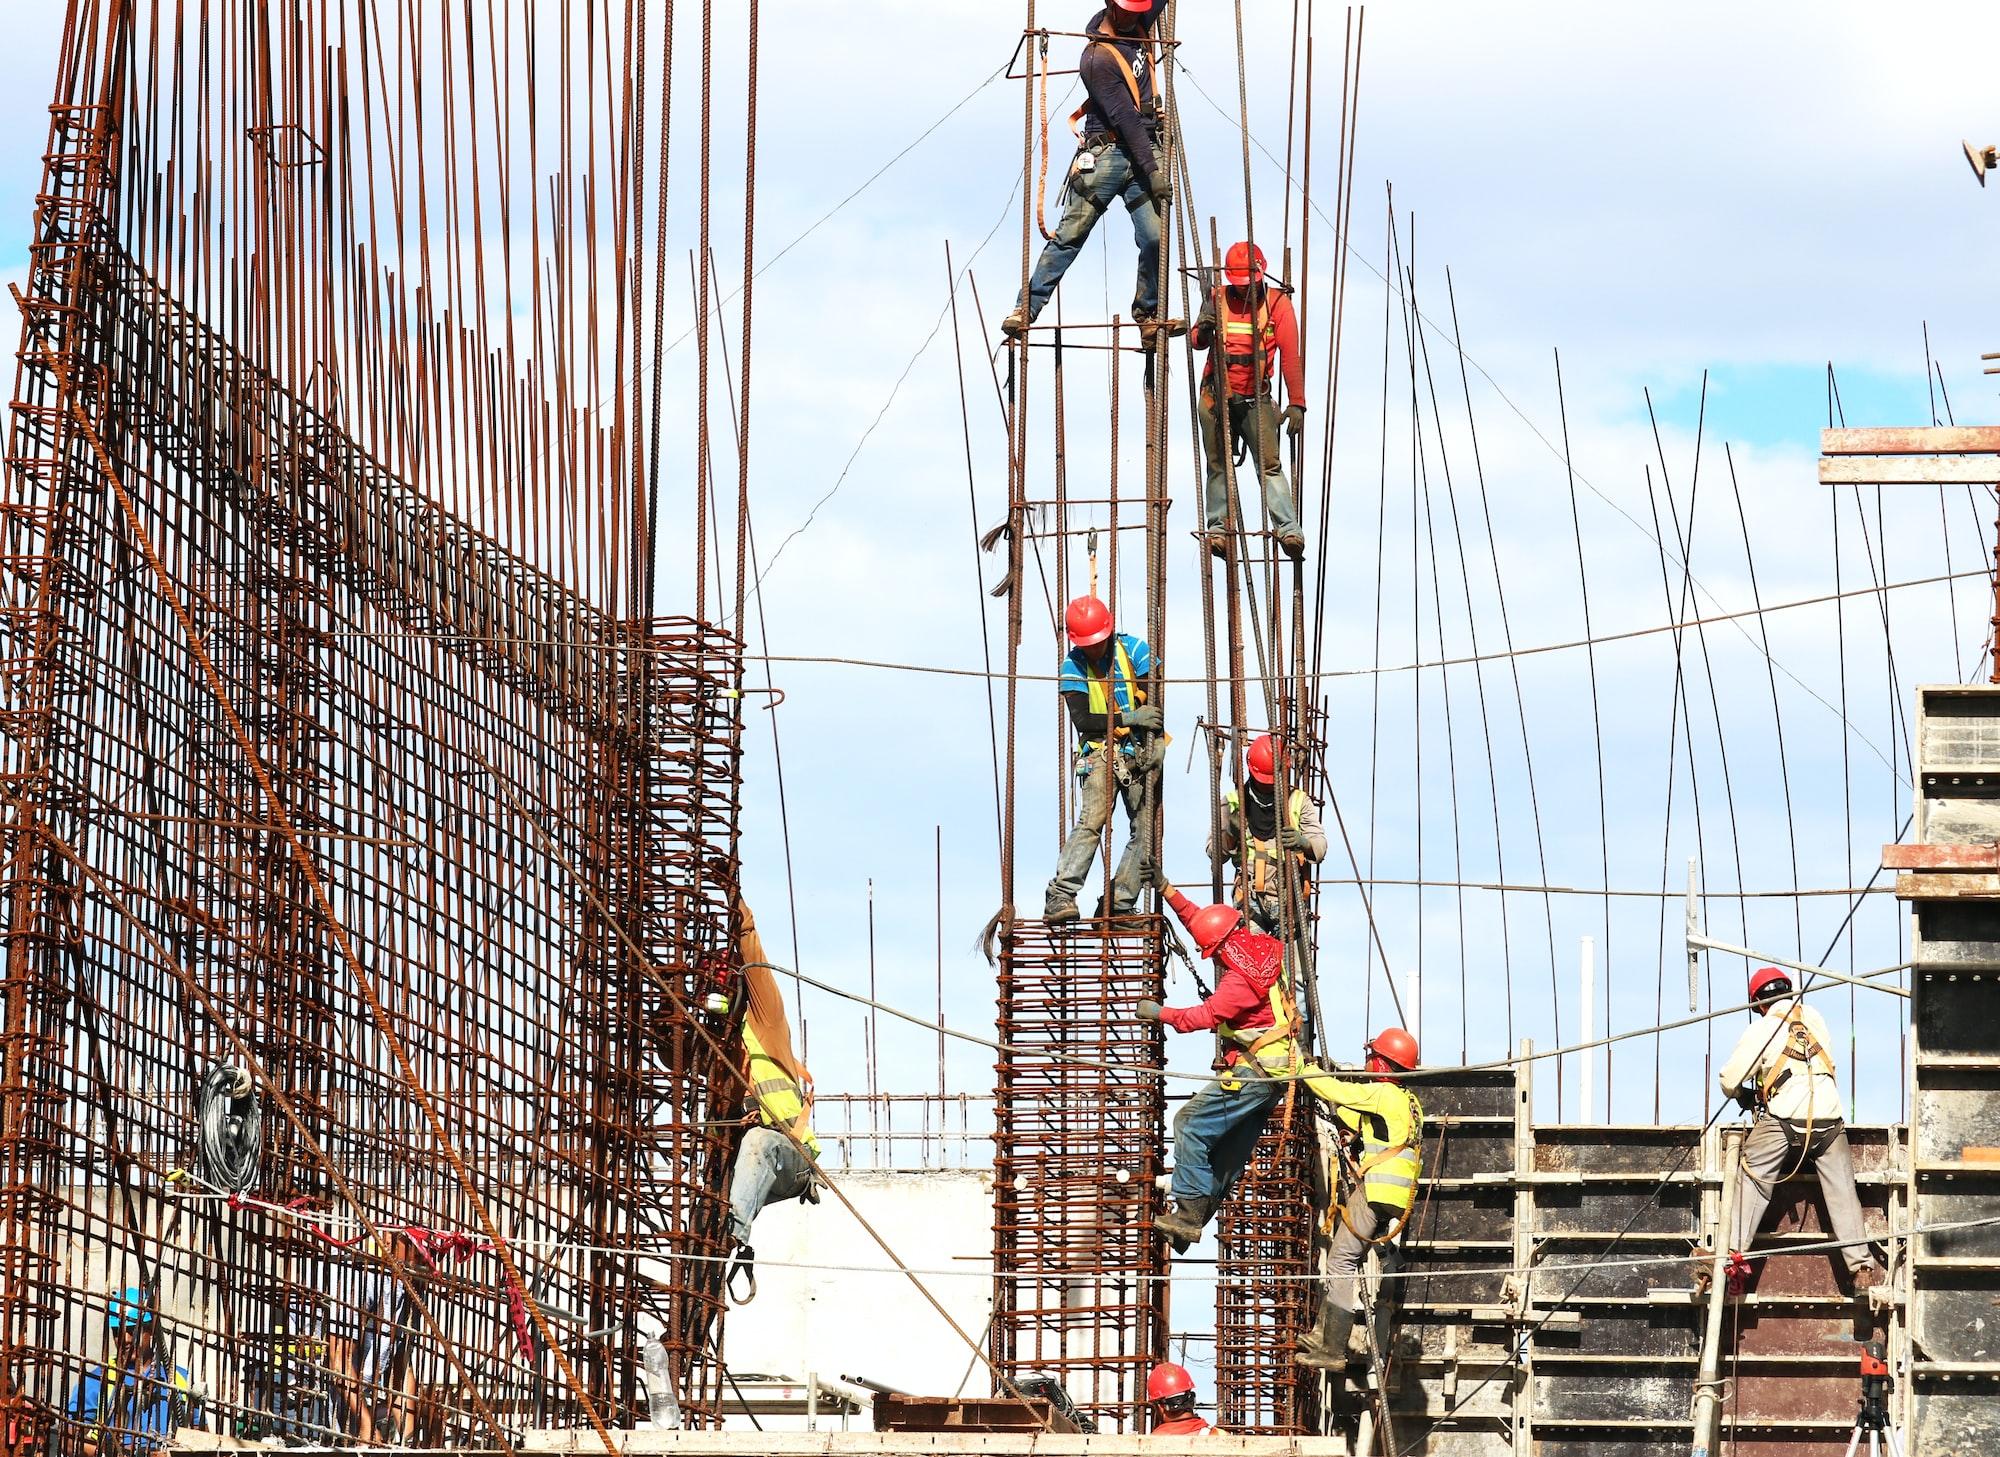 A incorporação imobiliária alavanca o crescimento de emprego e renda, e é impulsionada pela demanda por casa própria e pelo direito à habitação adequada.